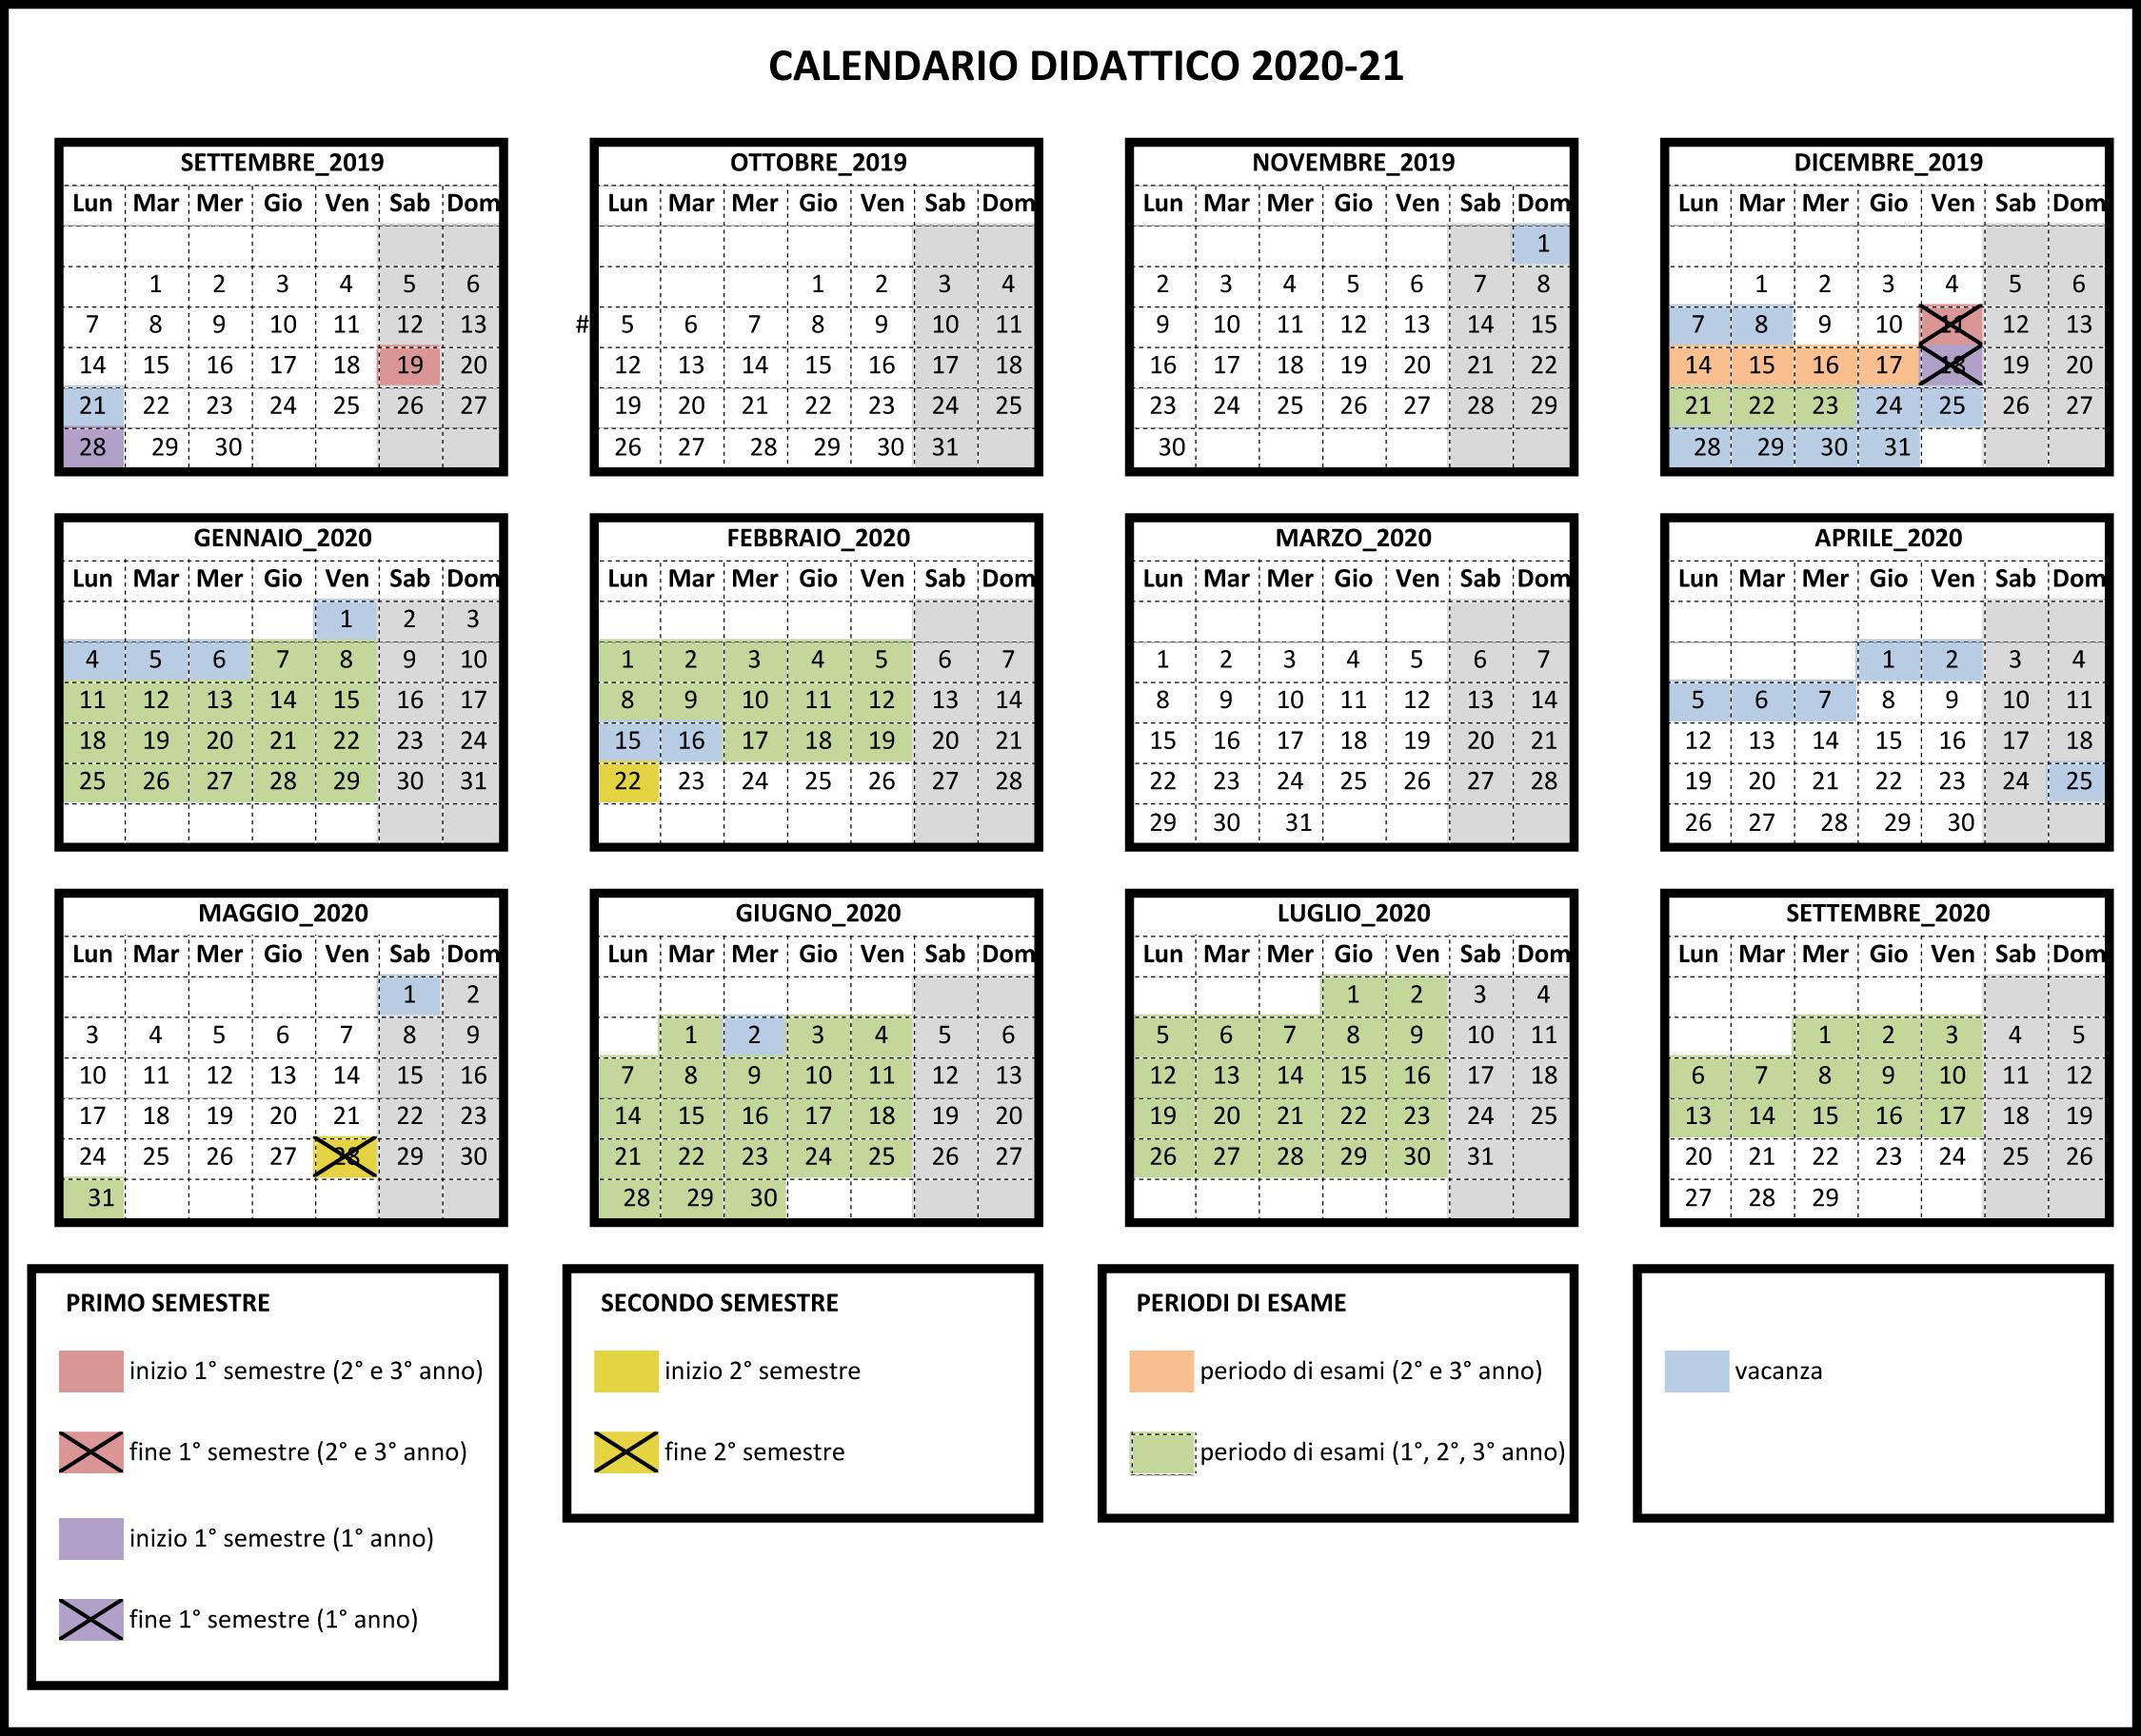 Calendario Accademico Unina 2020 2021 DIDATTICA